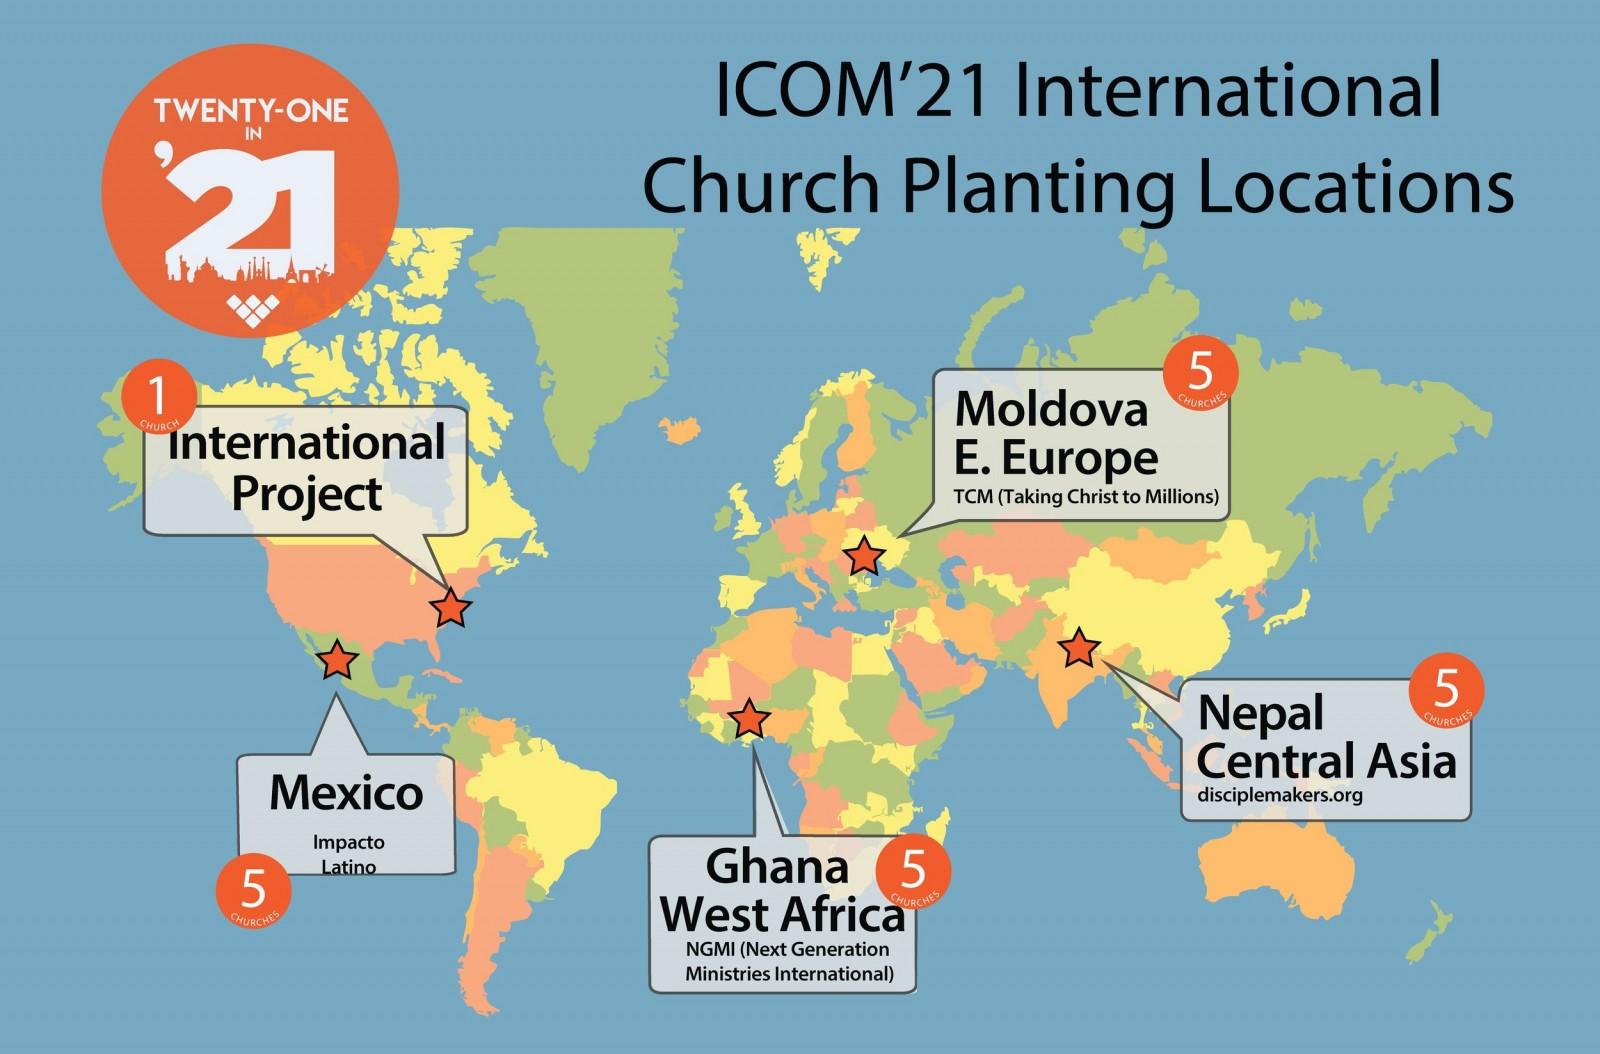 ICOM 21in21